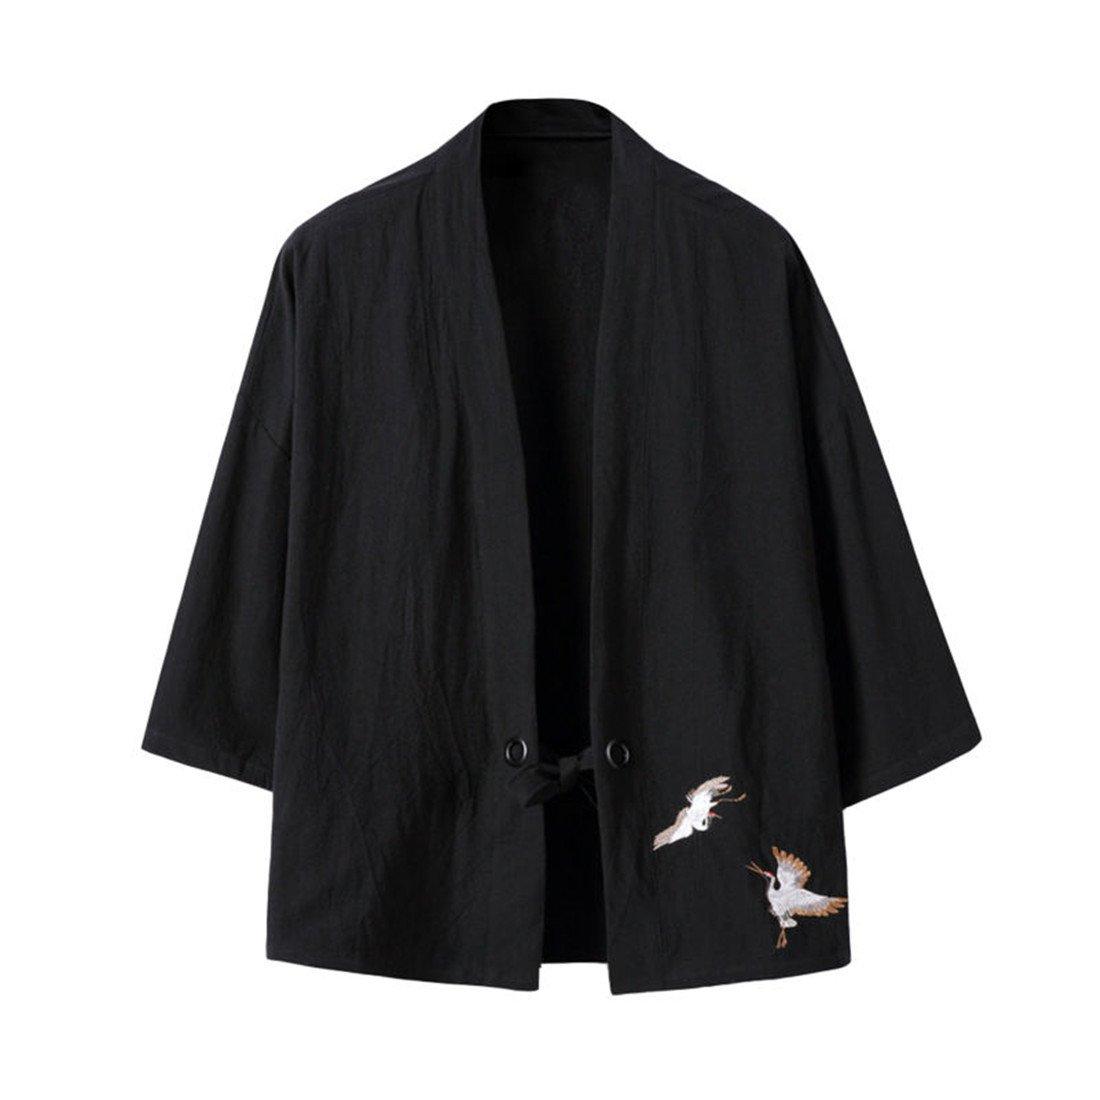 Hzcx Fashion Men's Cotton Blends Linen Open Front Cardigan Kimono Jackets QT4018-M708-60-B-US L(42) TAG 3XL Black by Hzcx Fashion